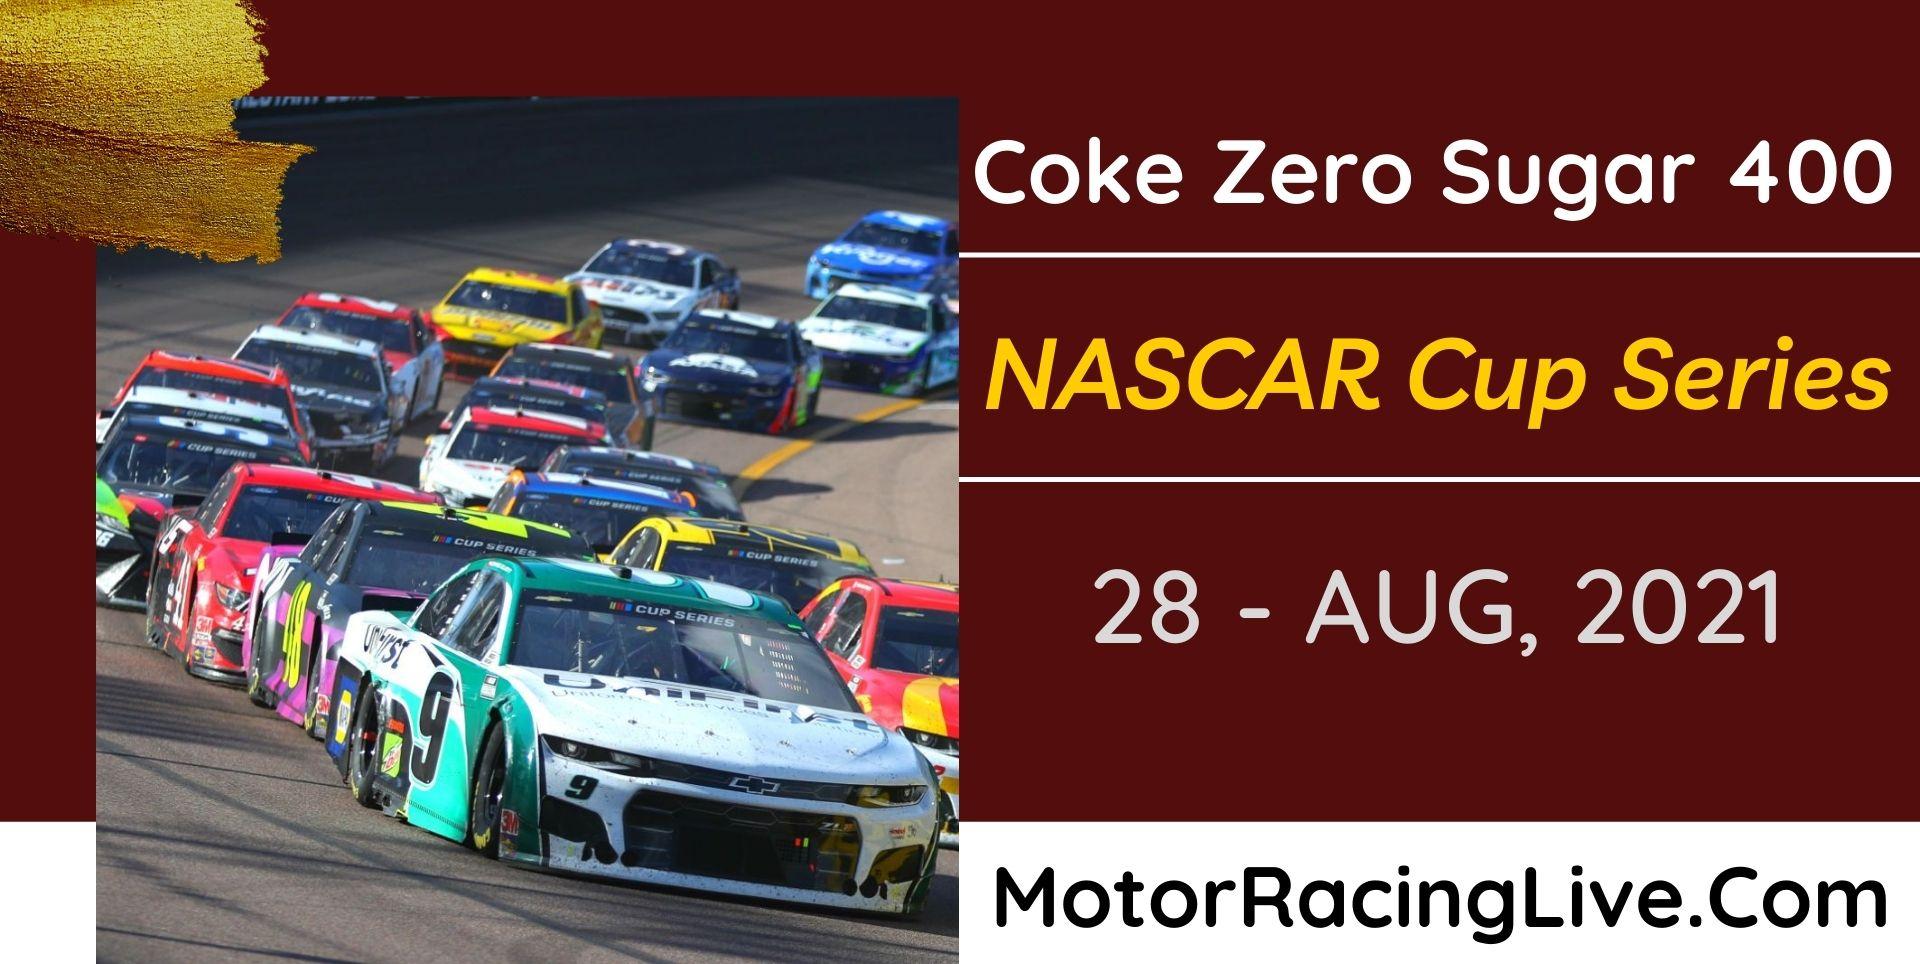 Coke Zero Sugar 400 Live Stream 2021: NASCAR Cup